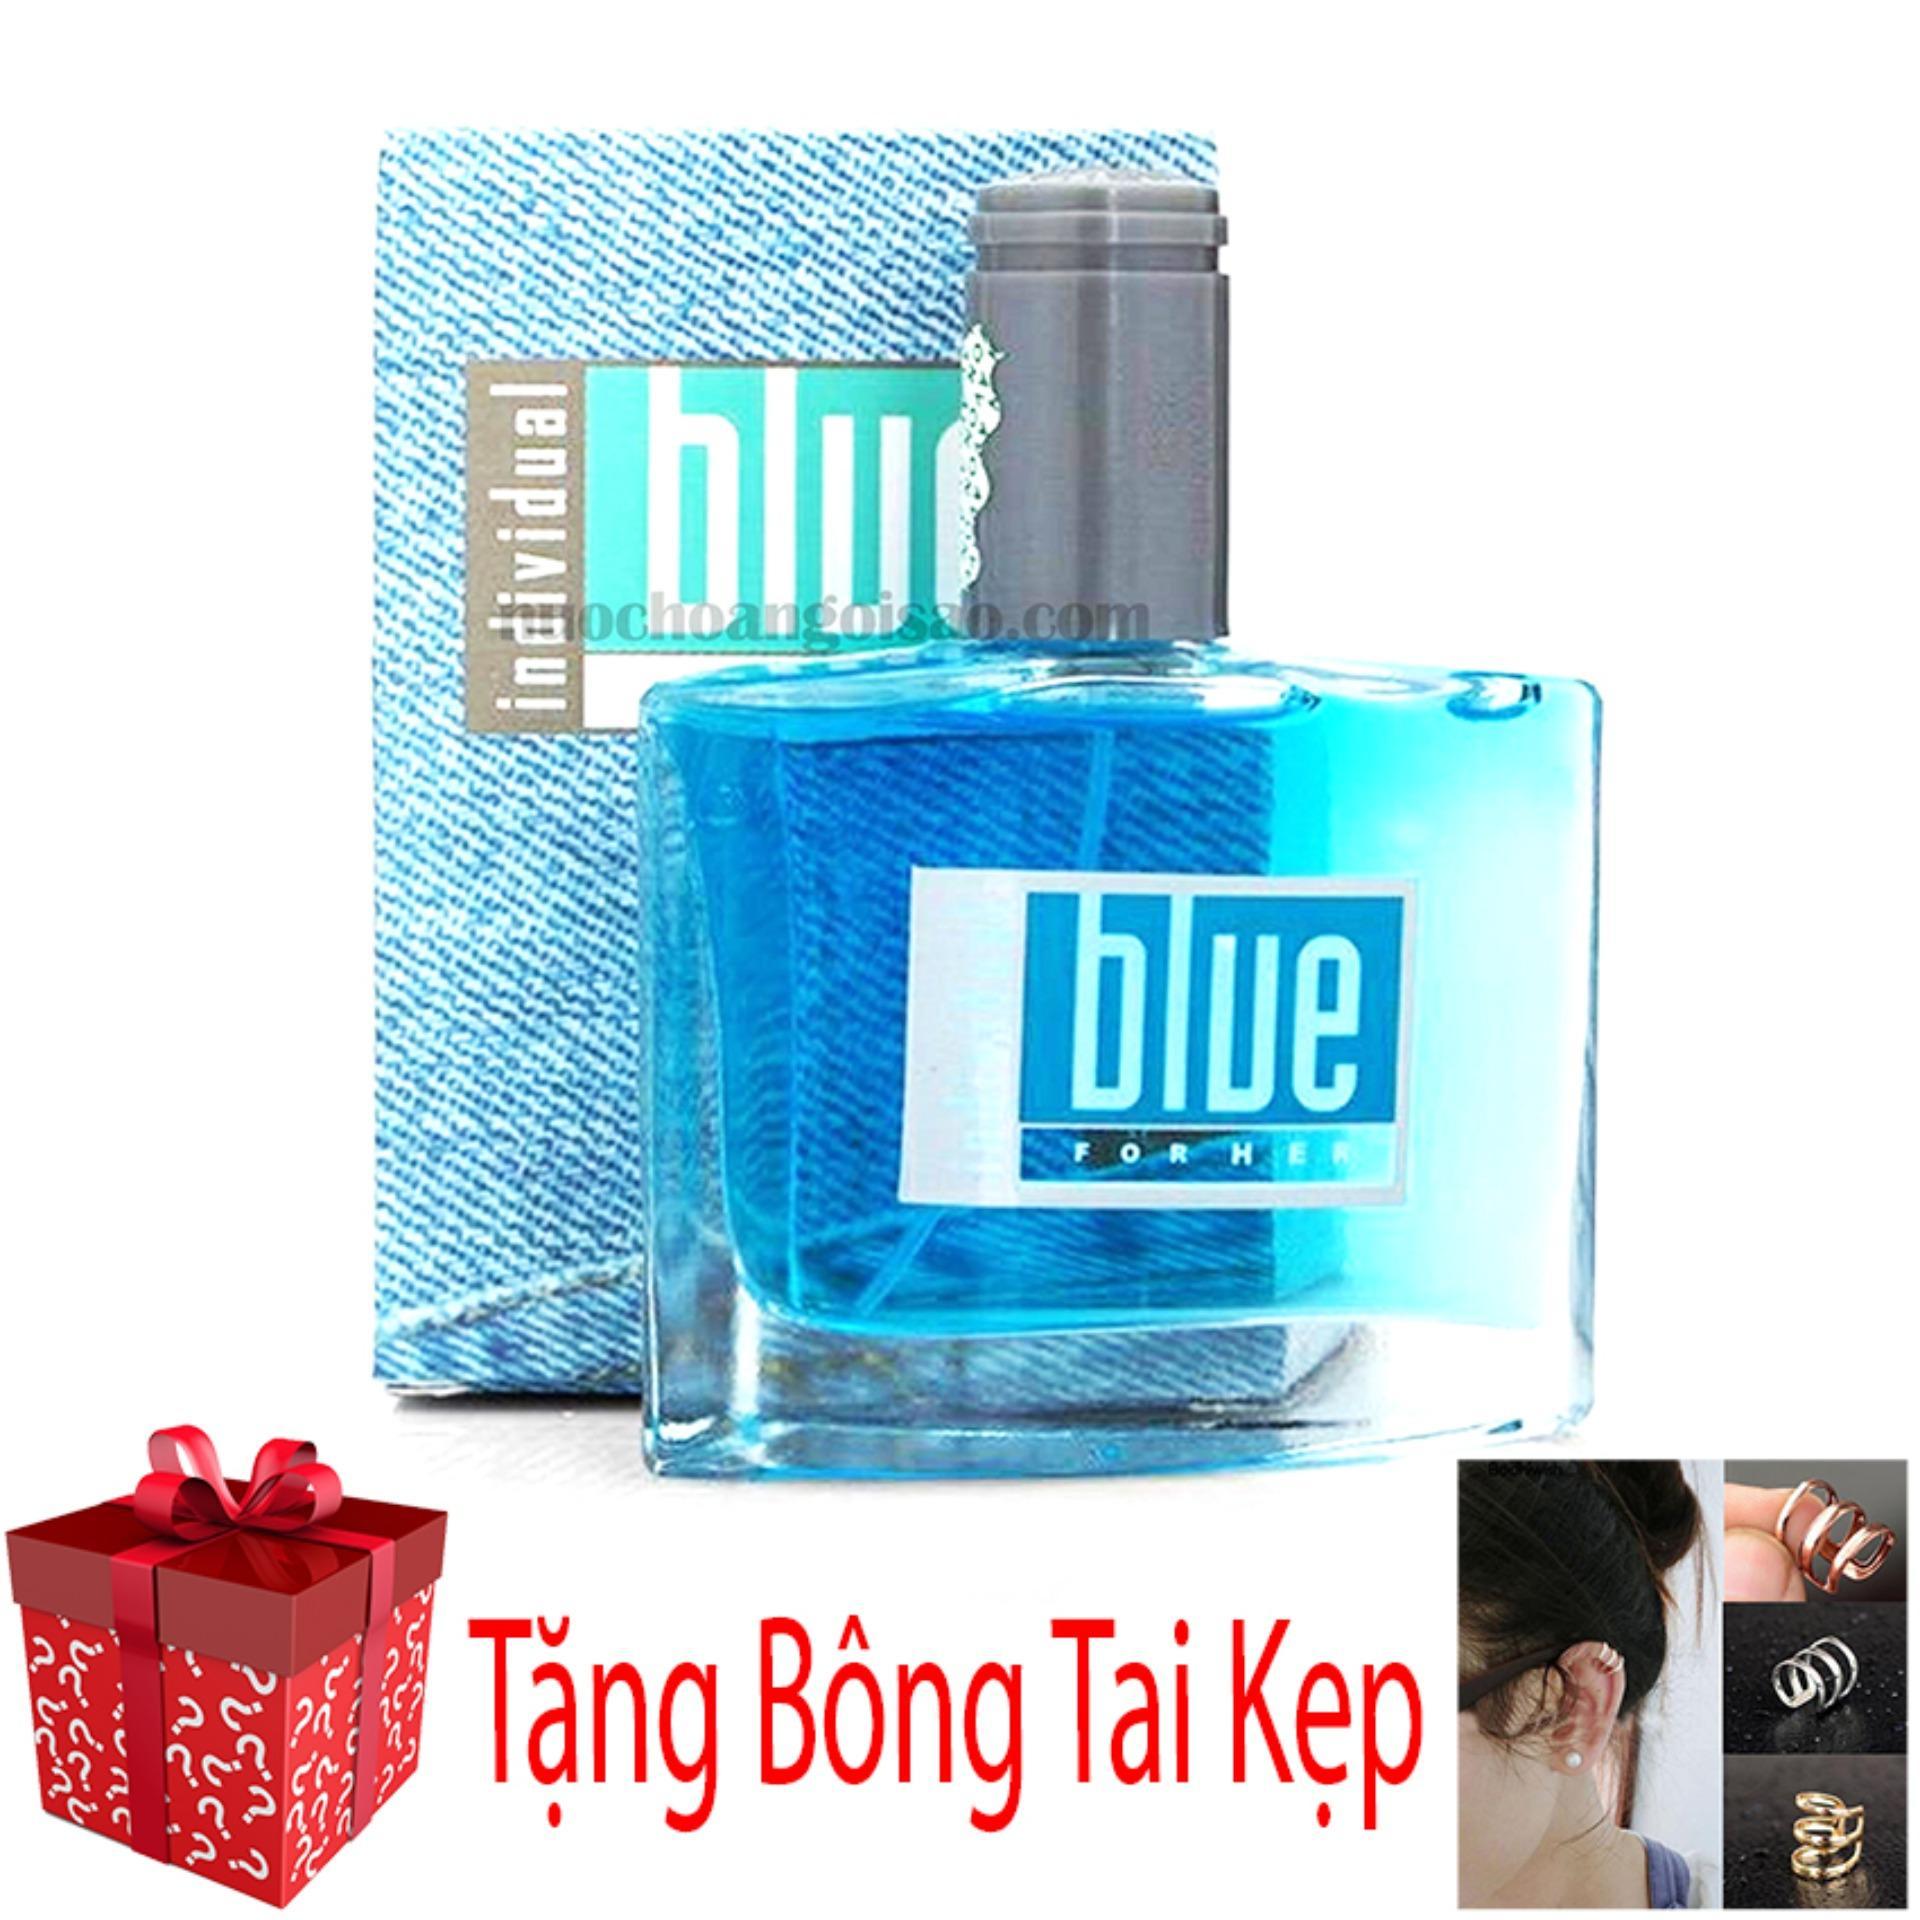 [Số Lượng Giới Hạn] Nước Hoa Nam Avon Blue For Him 50ml + Tặng Bông Tai Kẹp